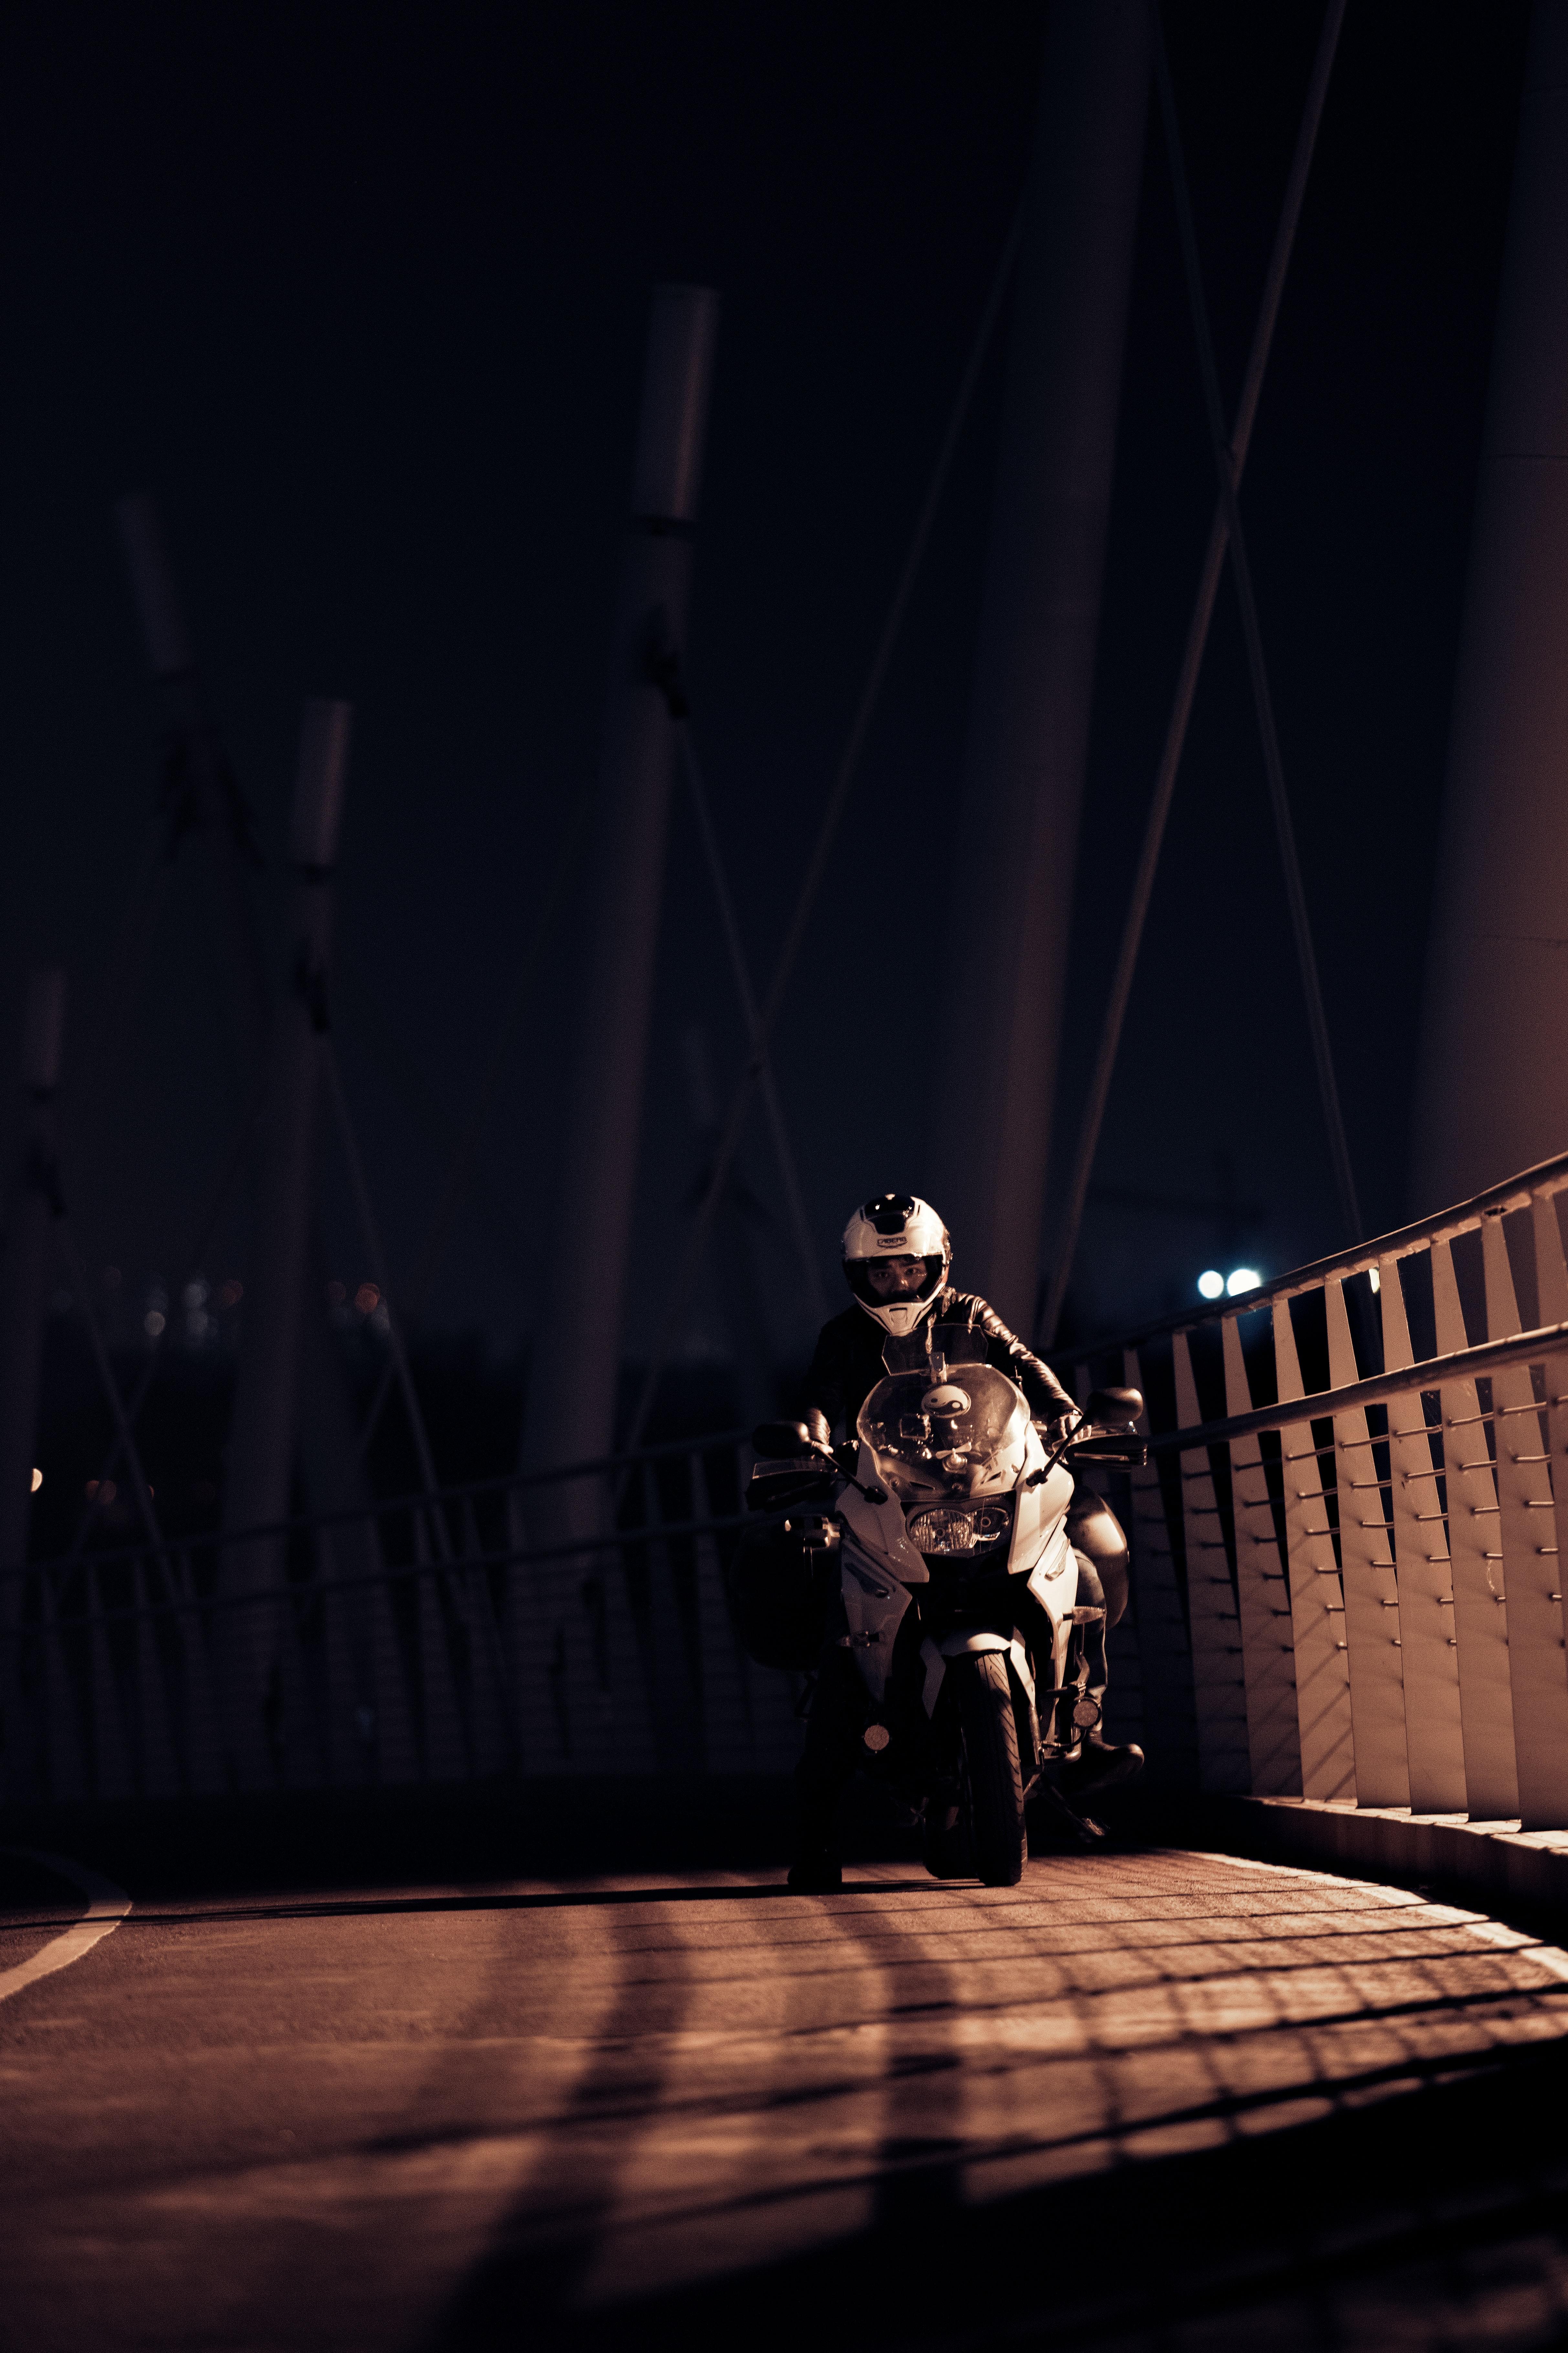 71493 скачать обои Мотоциклы, Мотоциклист, Мотоцикл, Шлем, Ночь - заставки и картинки бесплатно